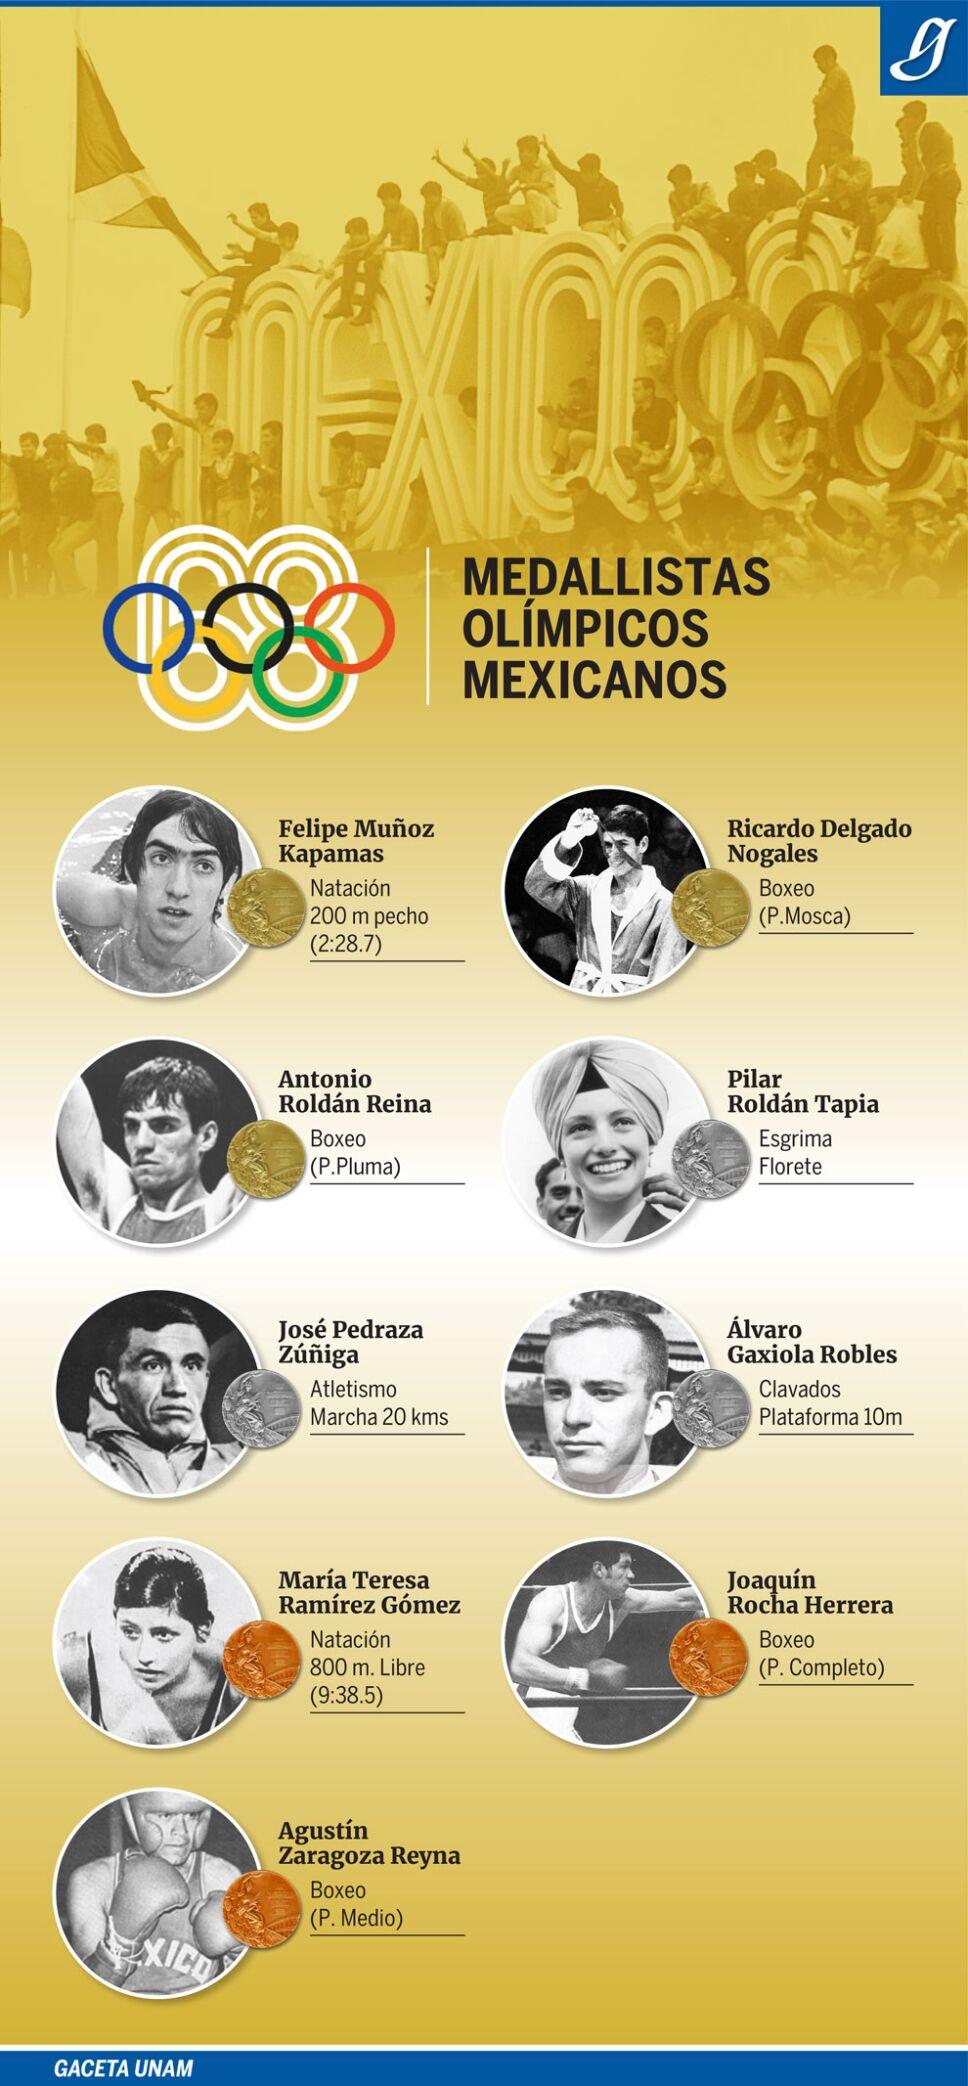 Medallistas en Juegos Olímpicos de México 68